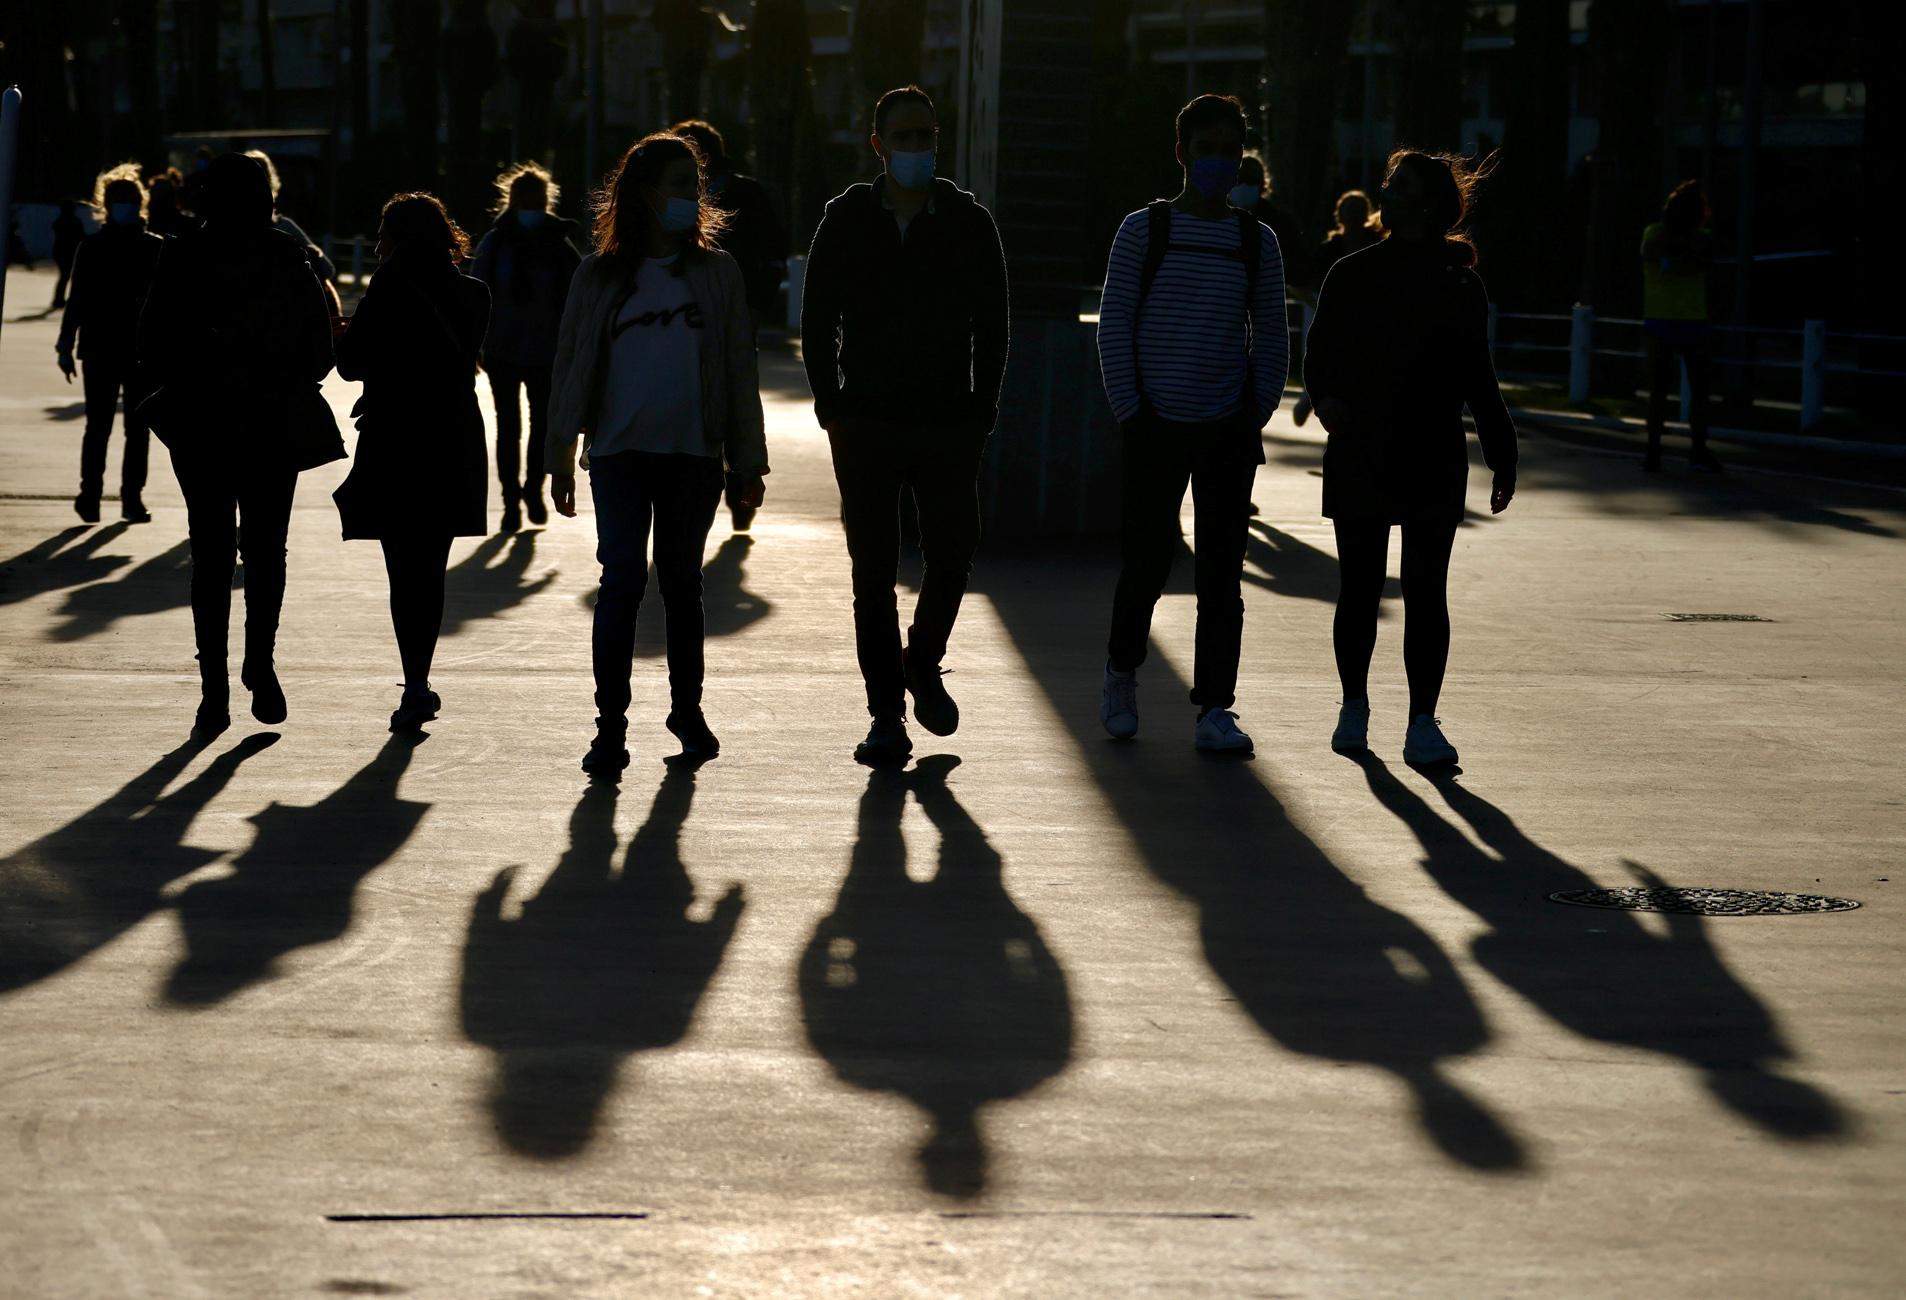 ΕΛΣΤΑΤ: Με την ανεργία στο 16,2% έκλεισε το 2020